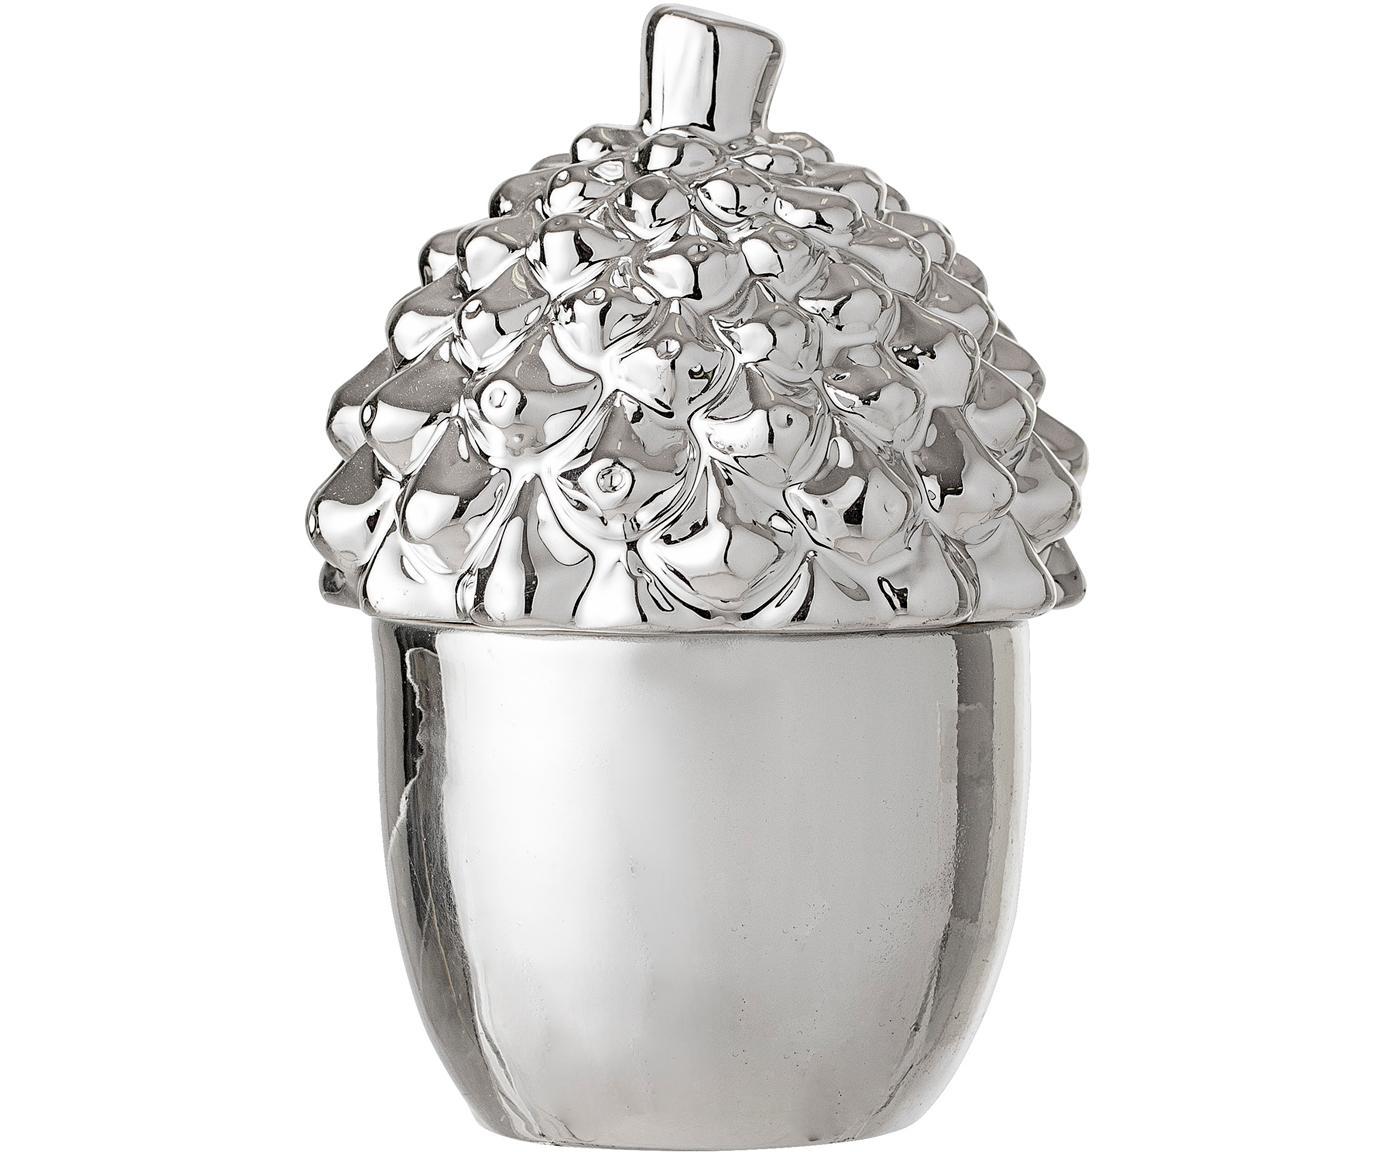 Aufbewahrungsdose Pinecone, Steingut, Silberfarben, Ø 8 x H 12 cm